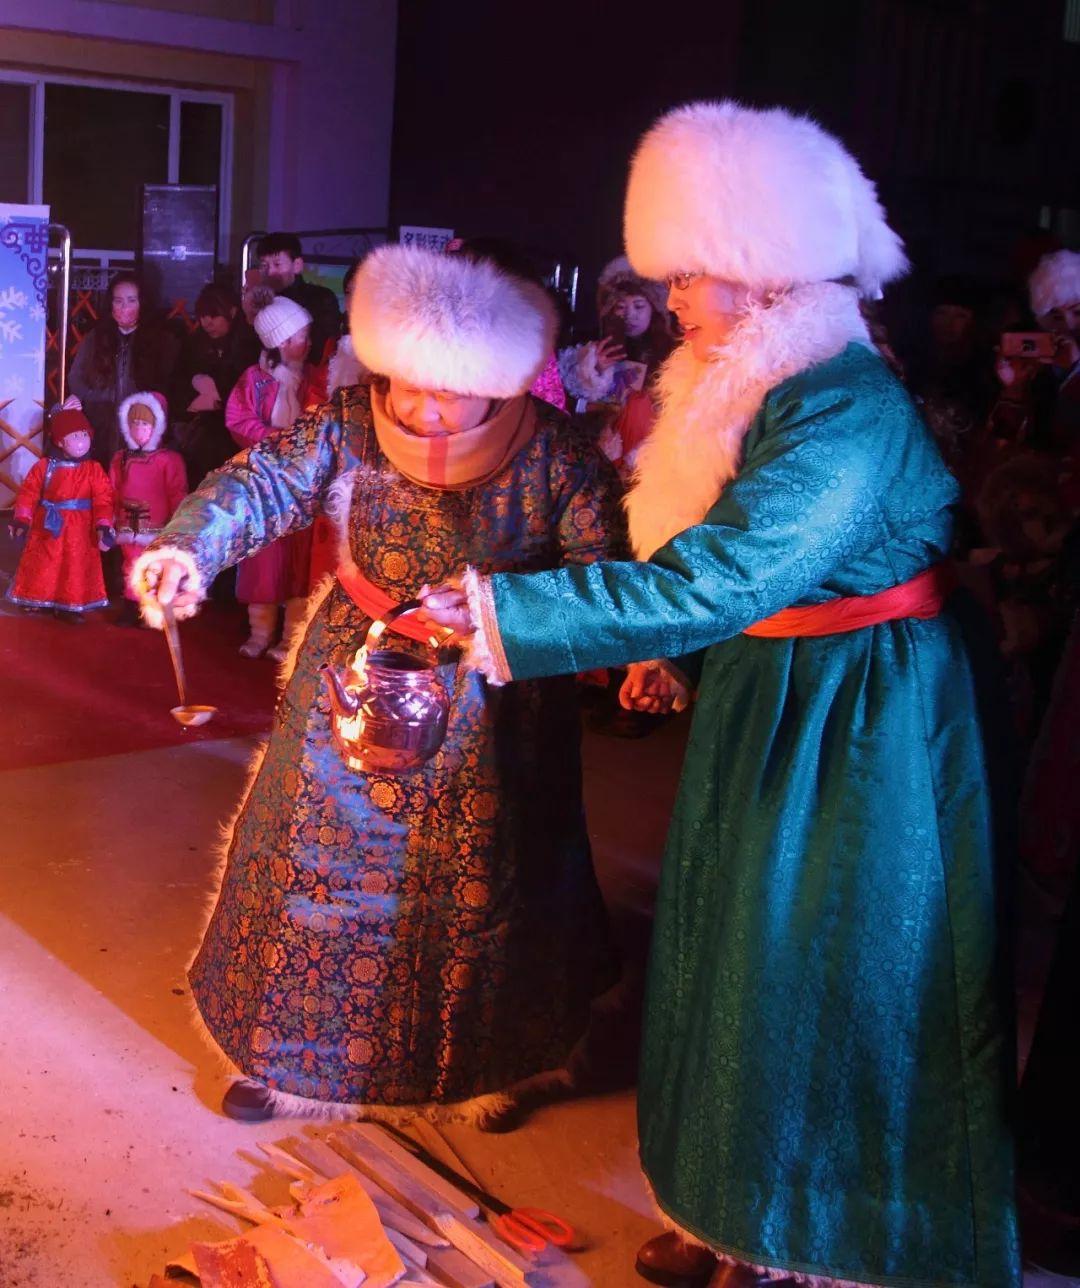 巴尔虎蒙古族祭火习俗(Mongol) 第21张 巴尔虎蒙古族祭火习俗(Mongol) 蒙古文化